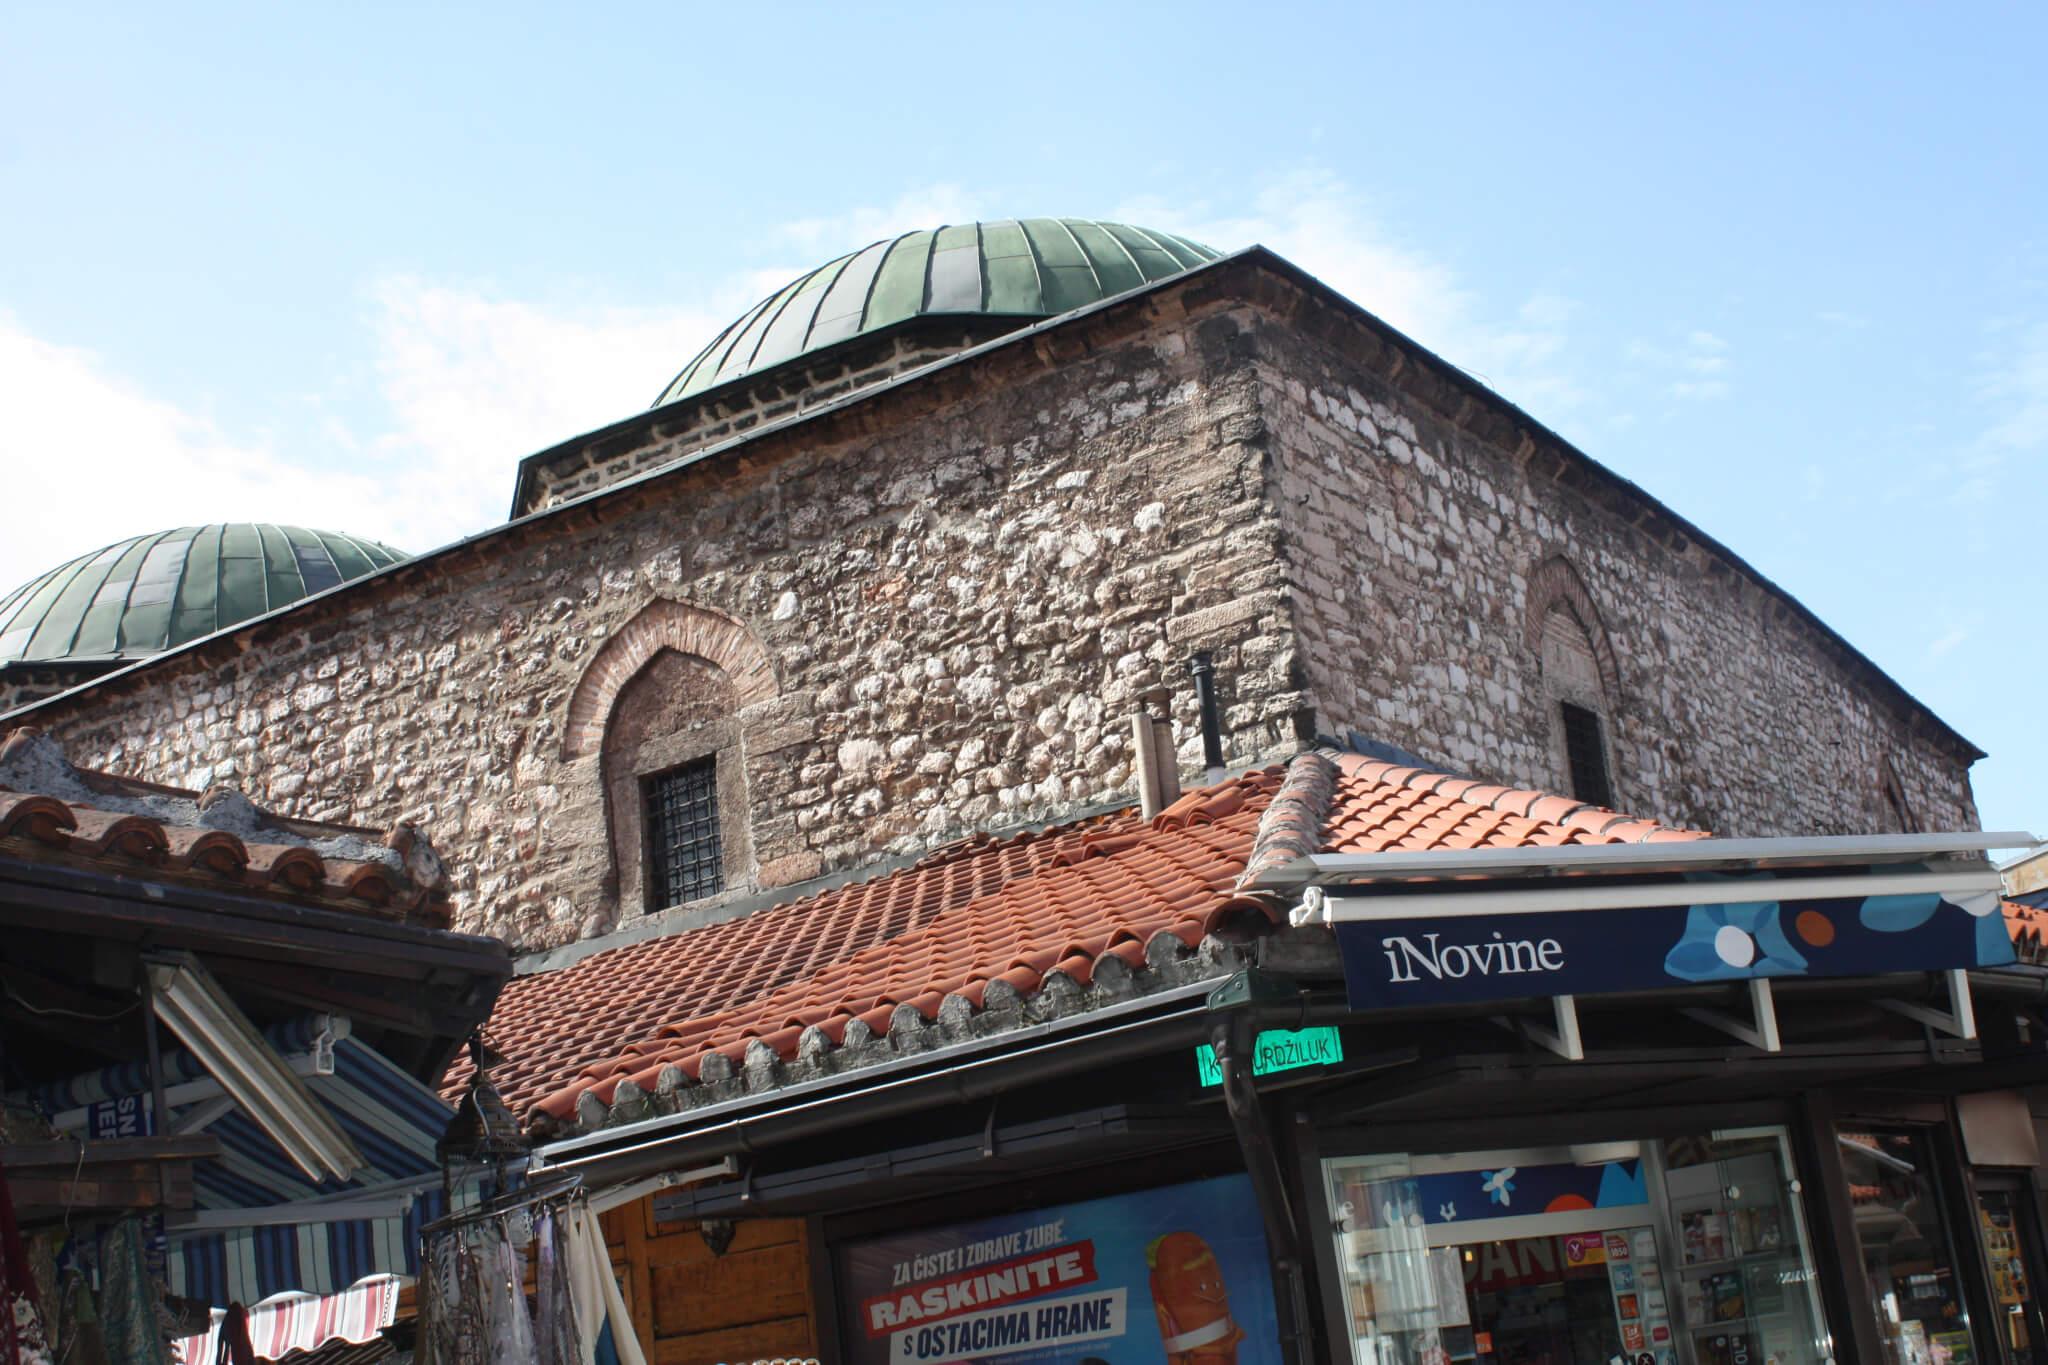 Osman city center, Sarajevo